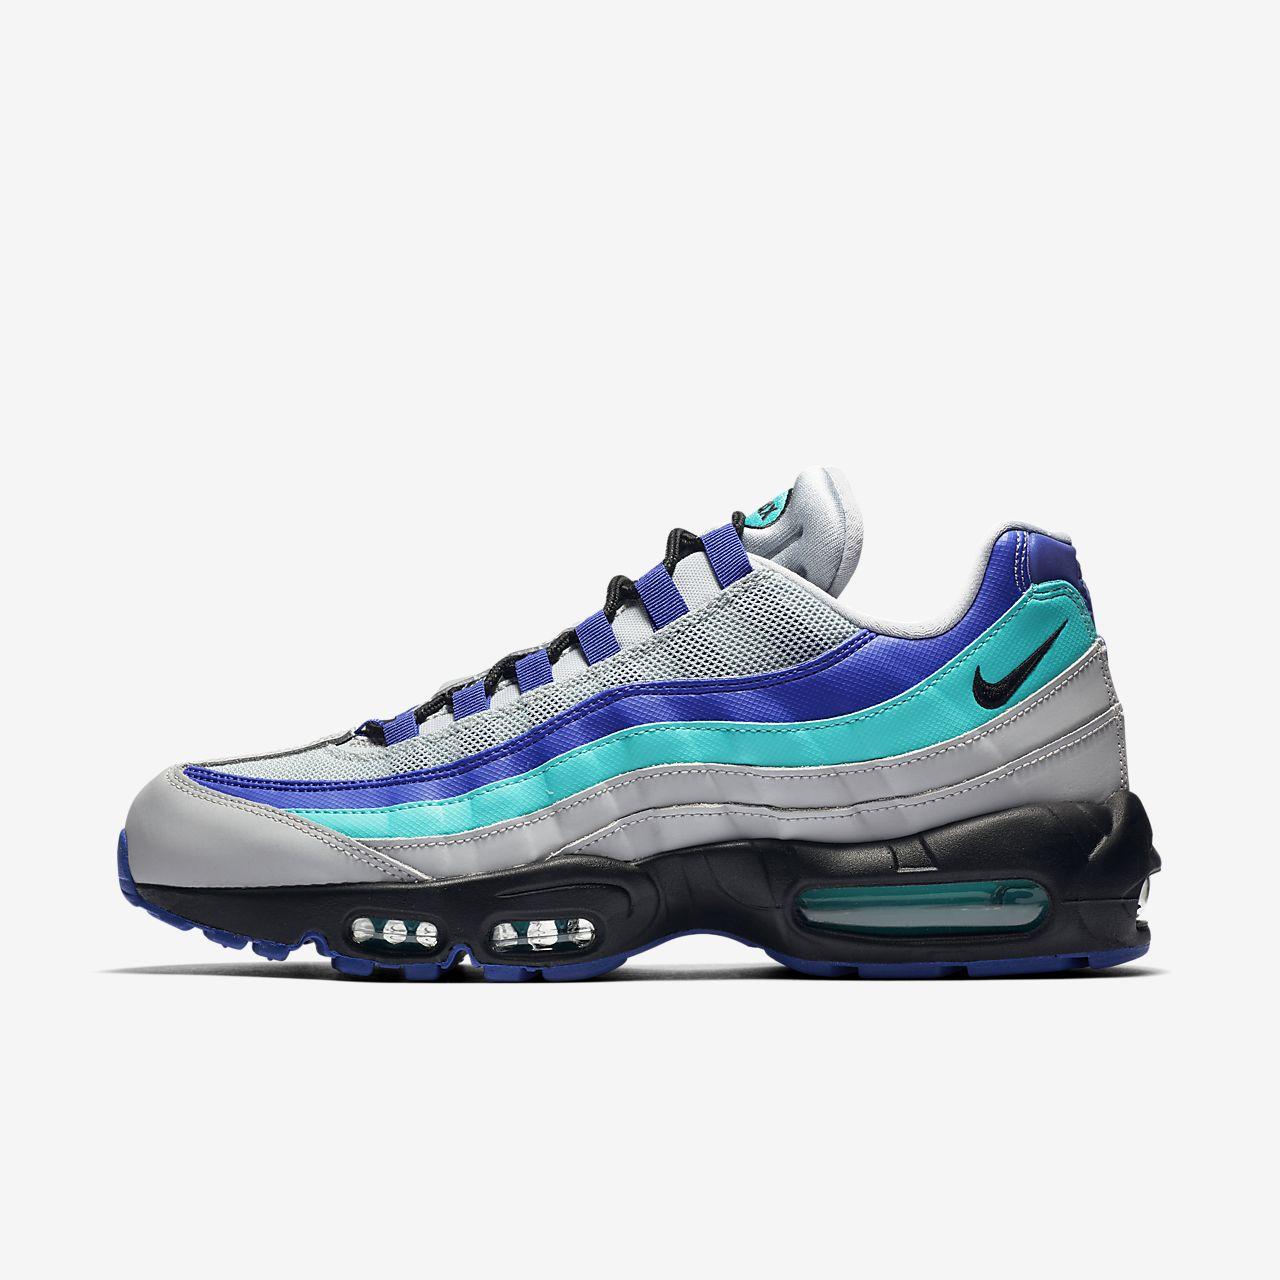 Nike Air Max 95 OG cipő